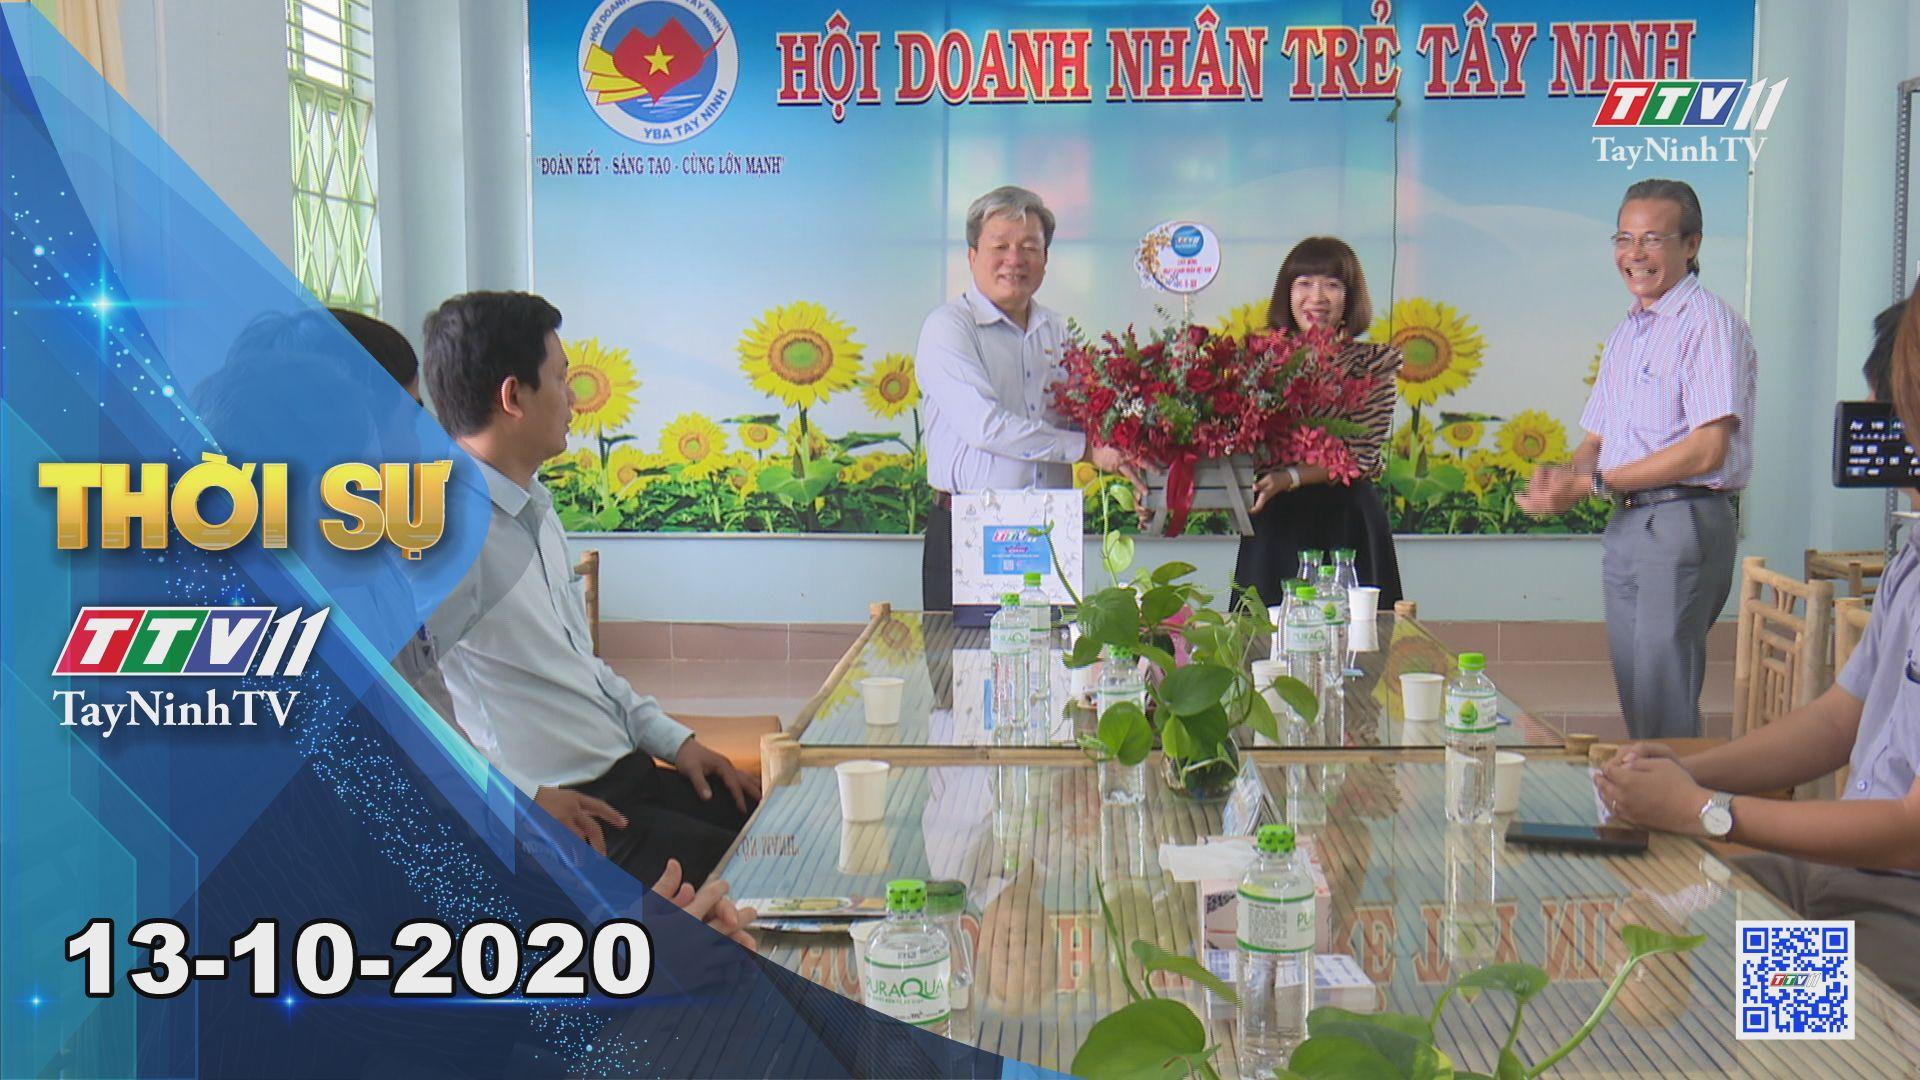 Thời sự Tây Ninh 13-10-2020 | Tin tức hôm nay | TayNinhTV